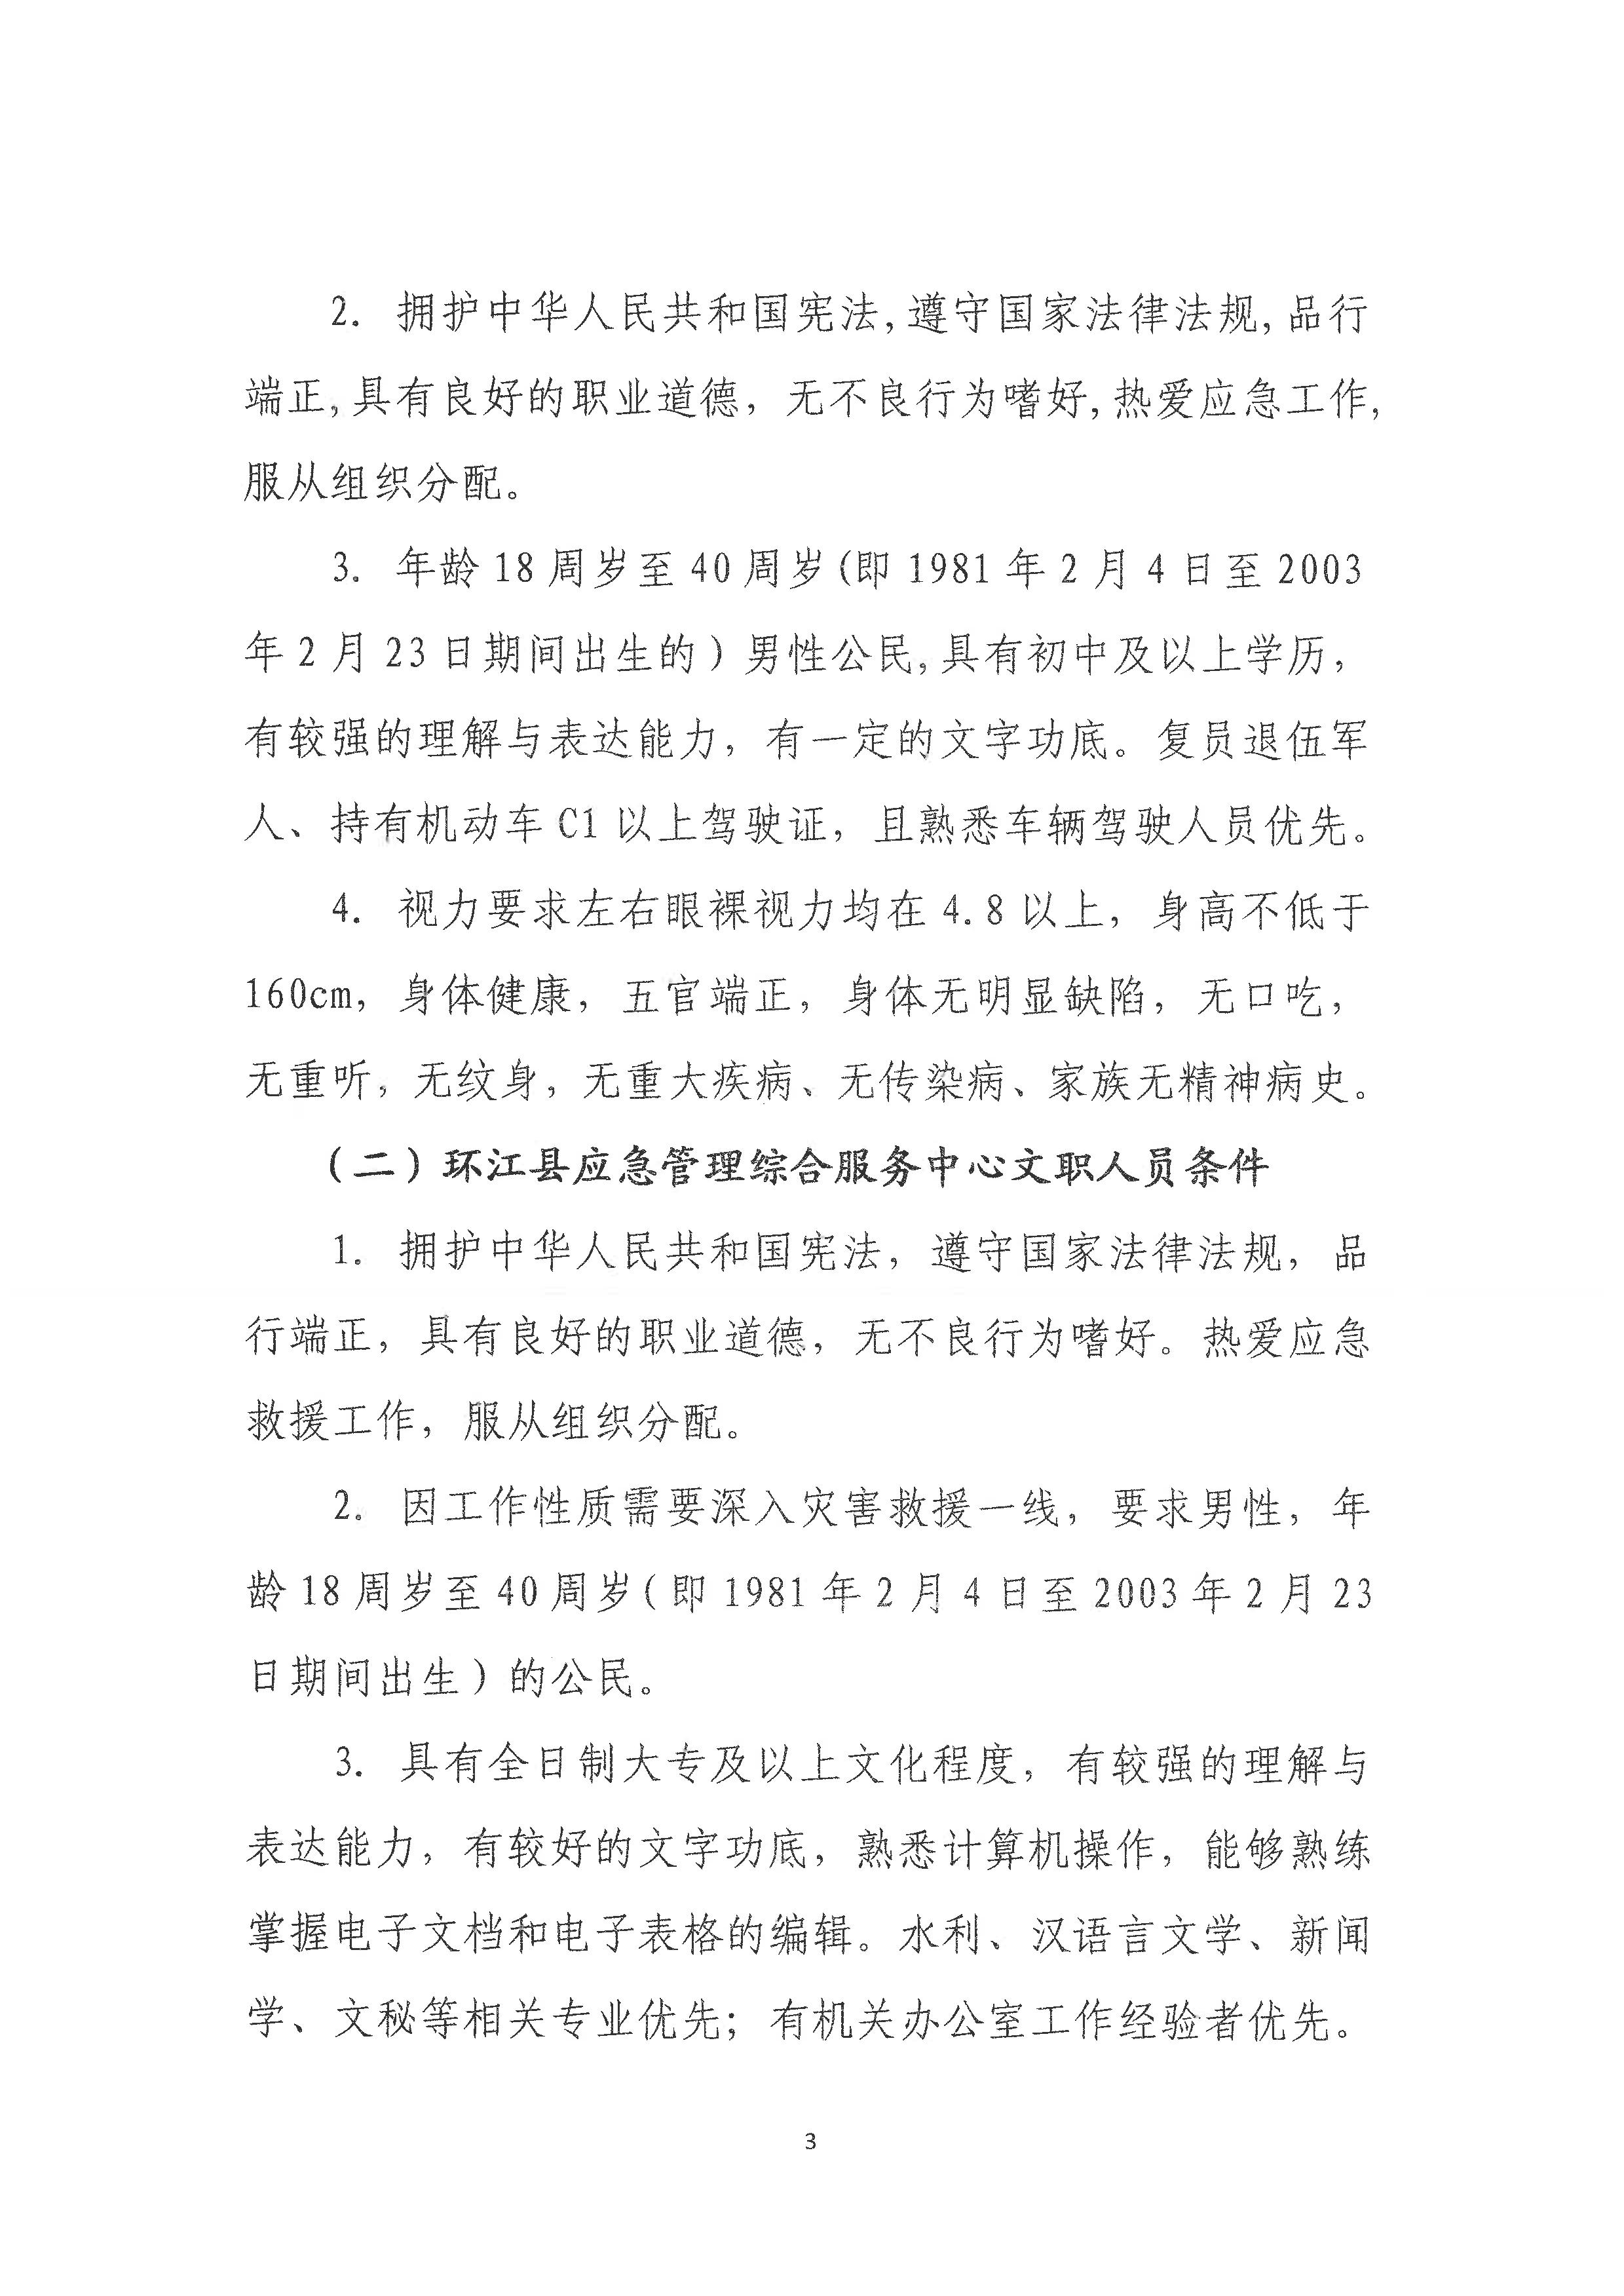 2021年【必威体育官网betway】河池 市环江毛南族betway县应急管理局招聘(betway[)必威必威公告图3